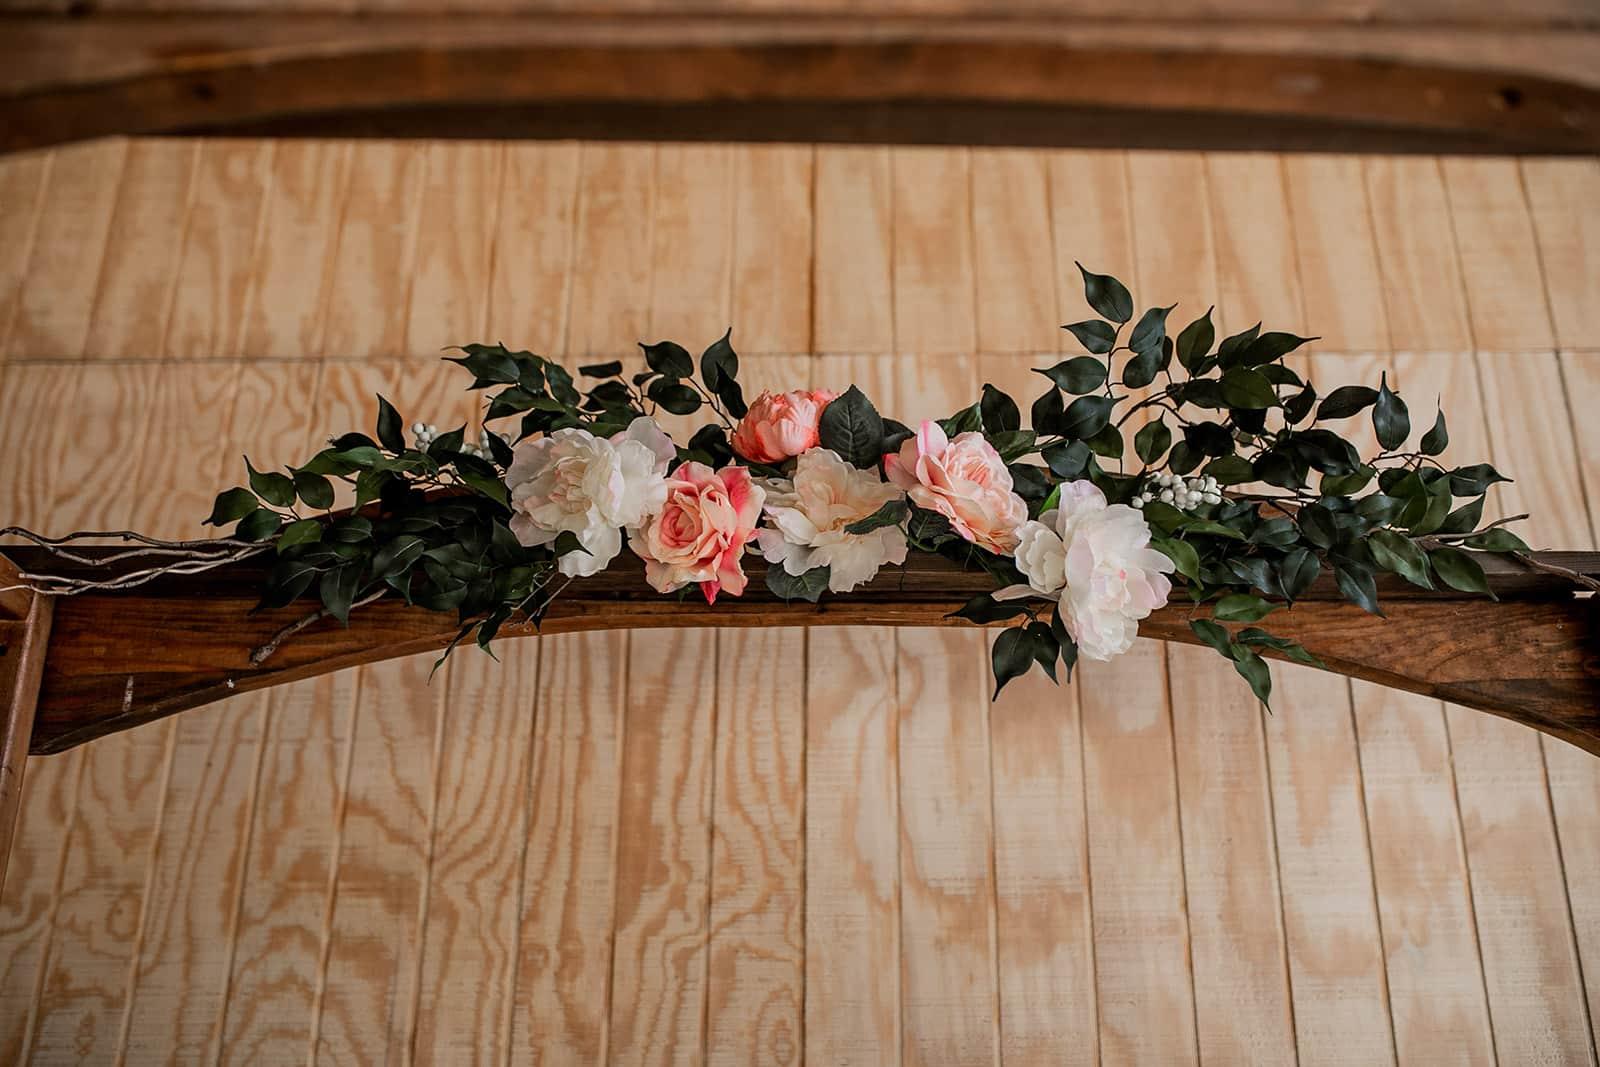 300 Floral Linens